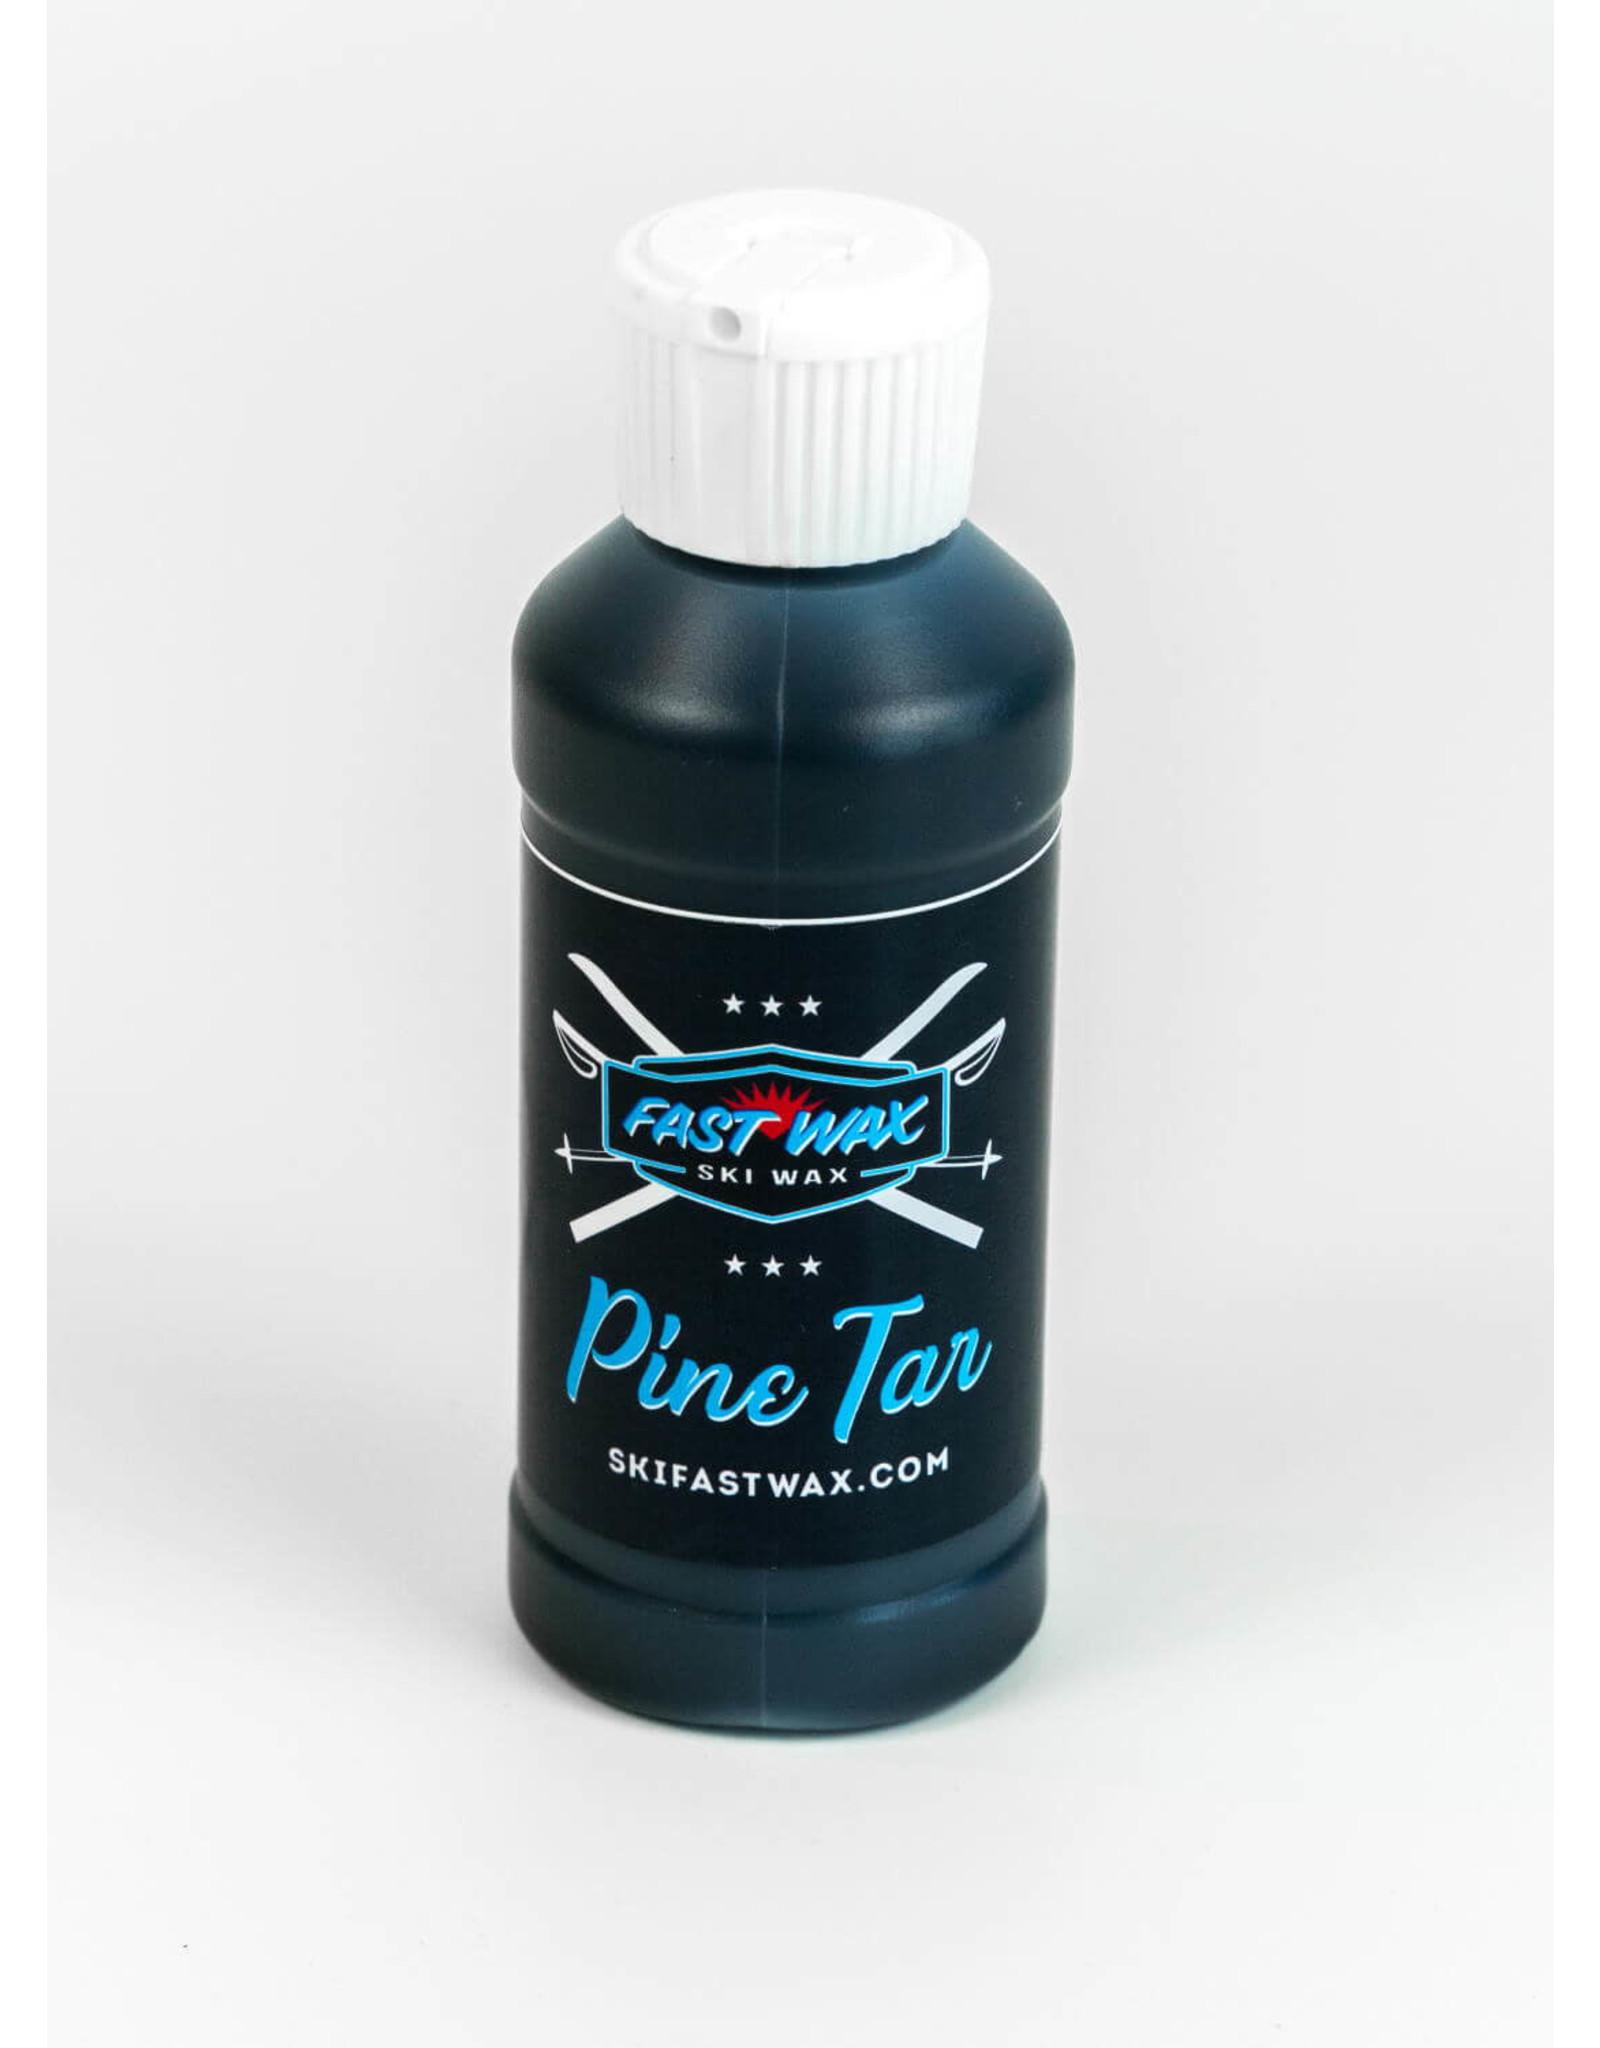 Fast Wax Fast Wax Pine Tar